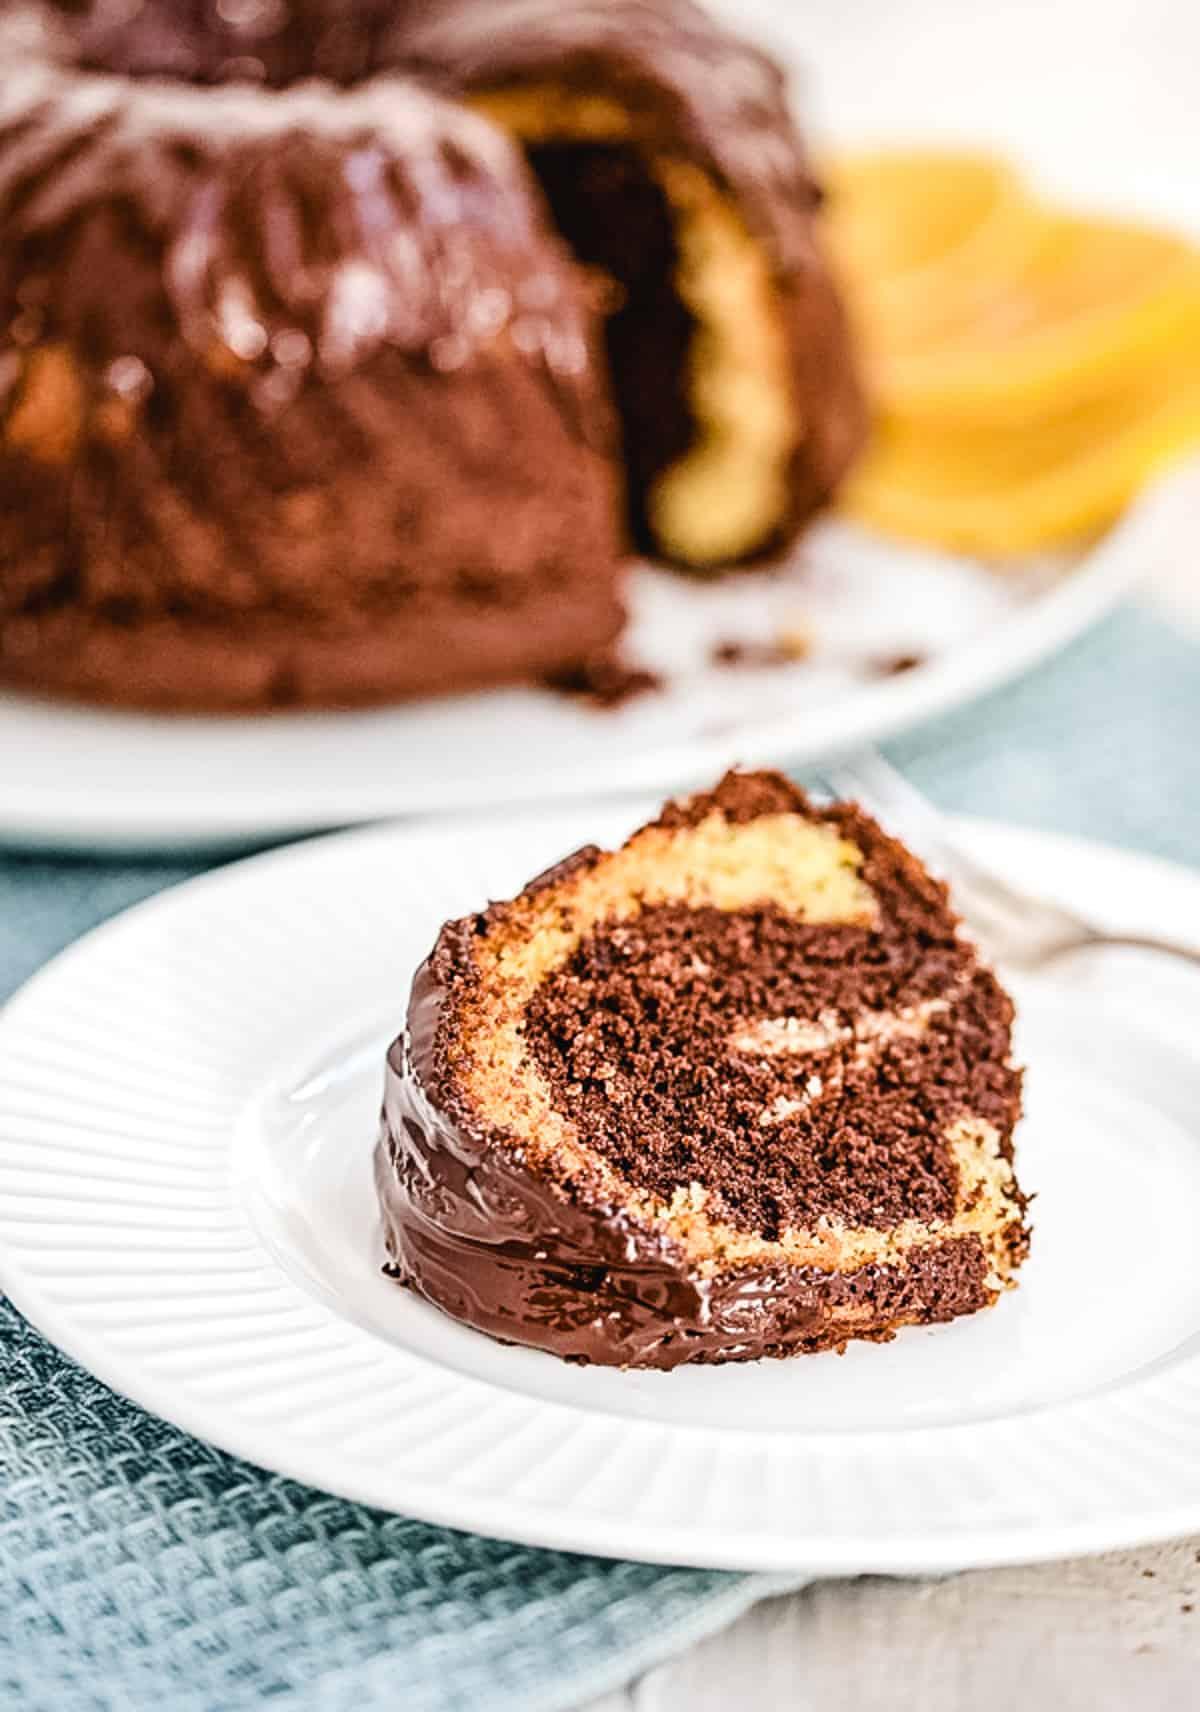 Ein Stück Marmorkuchen auf einem weißen Teller